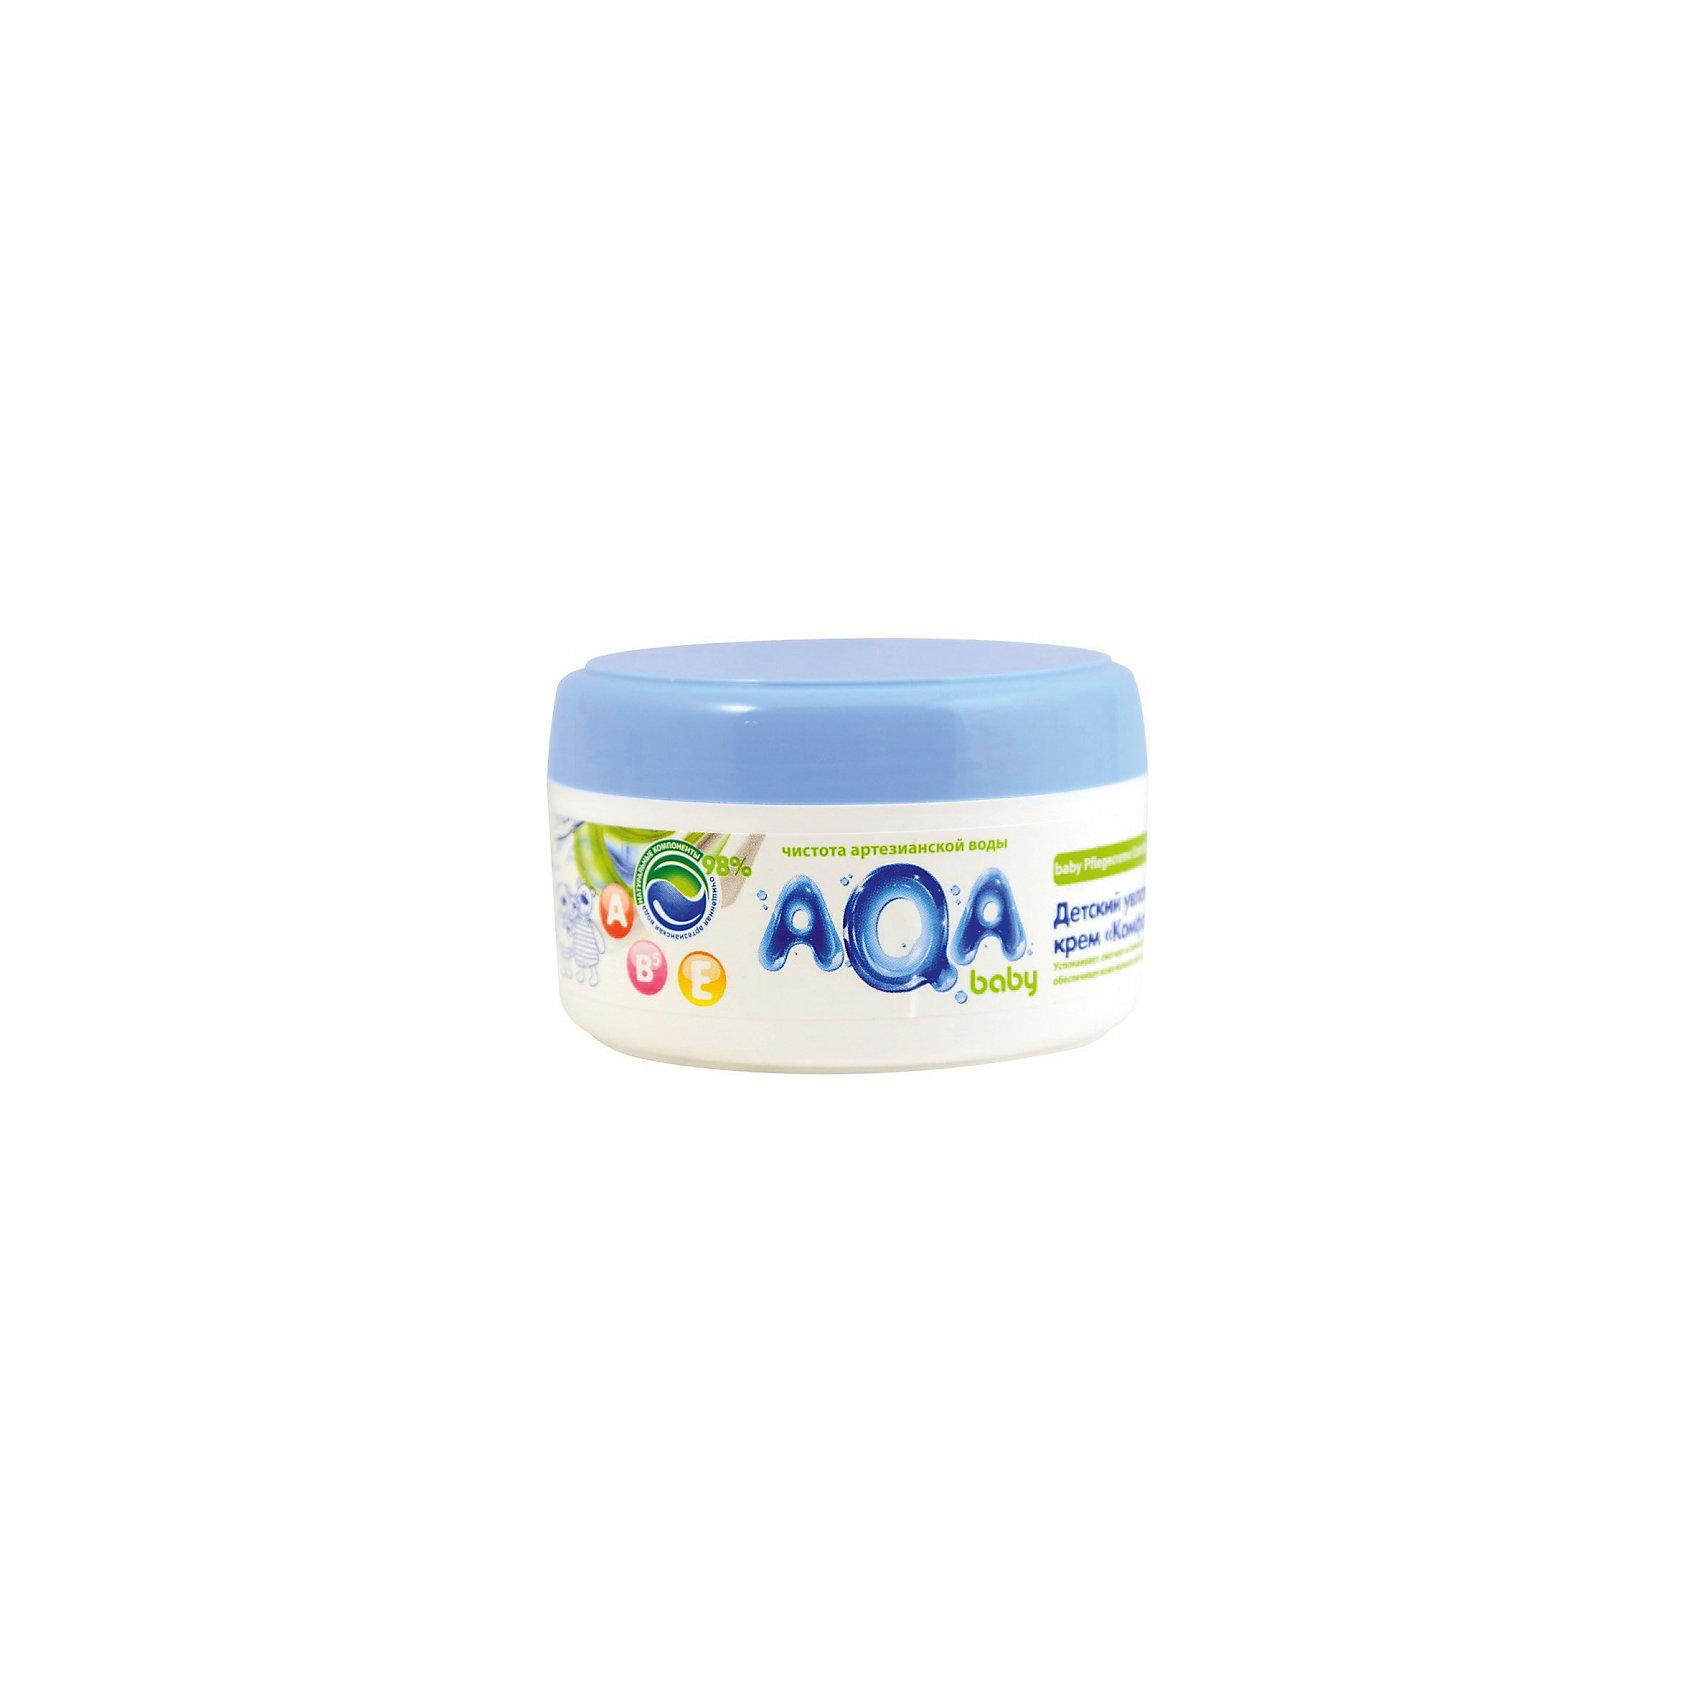 Детский увлажняющий крем Комфорт, AQA baby, 100 мл.